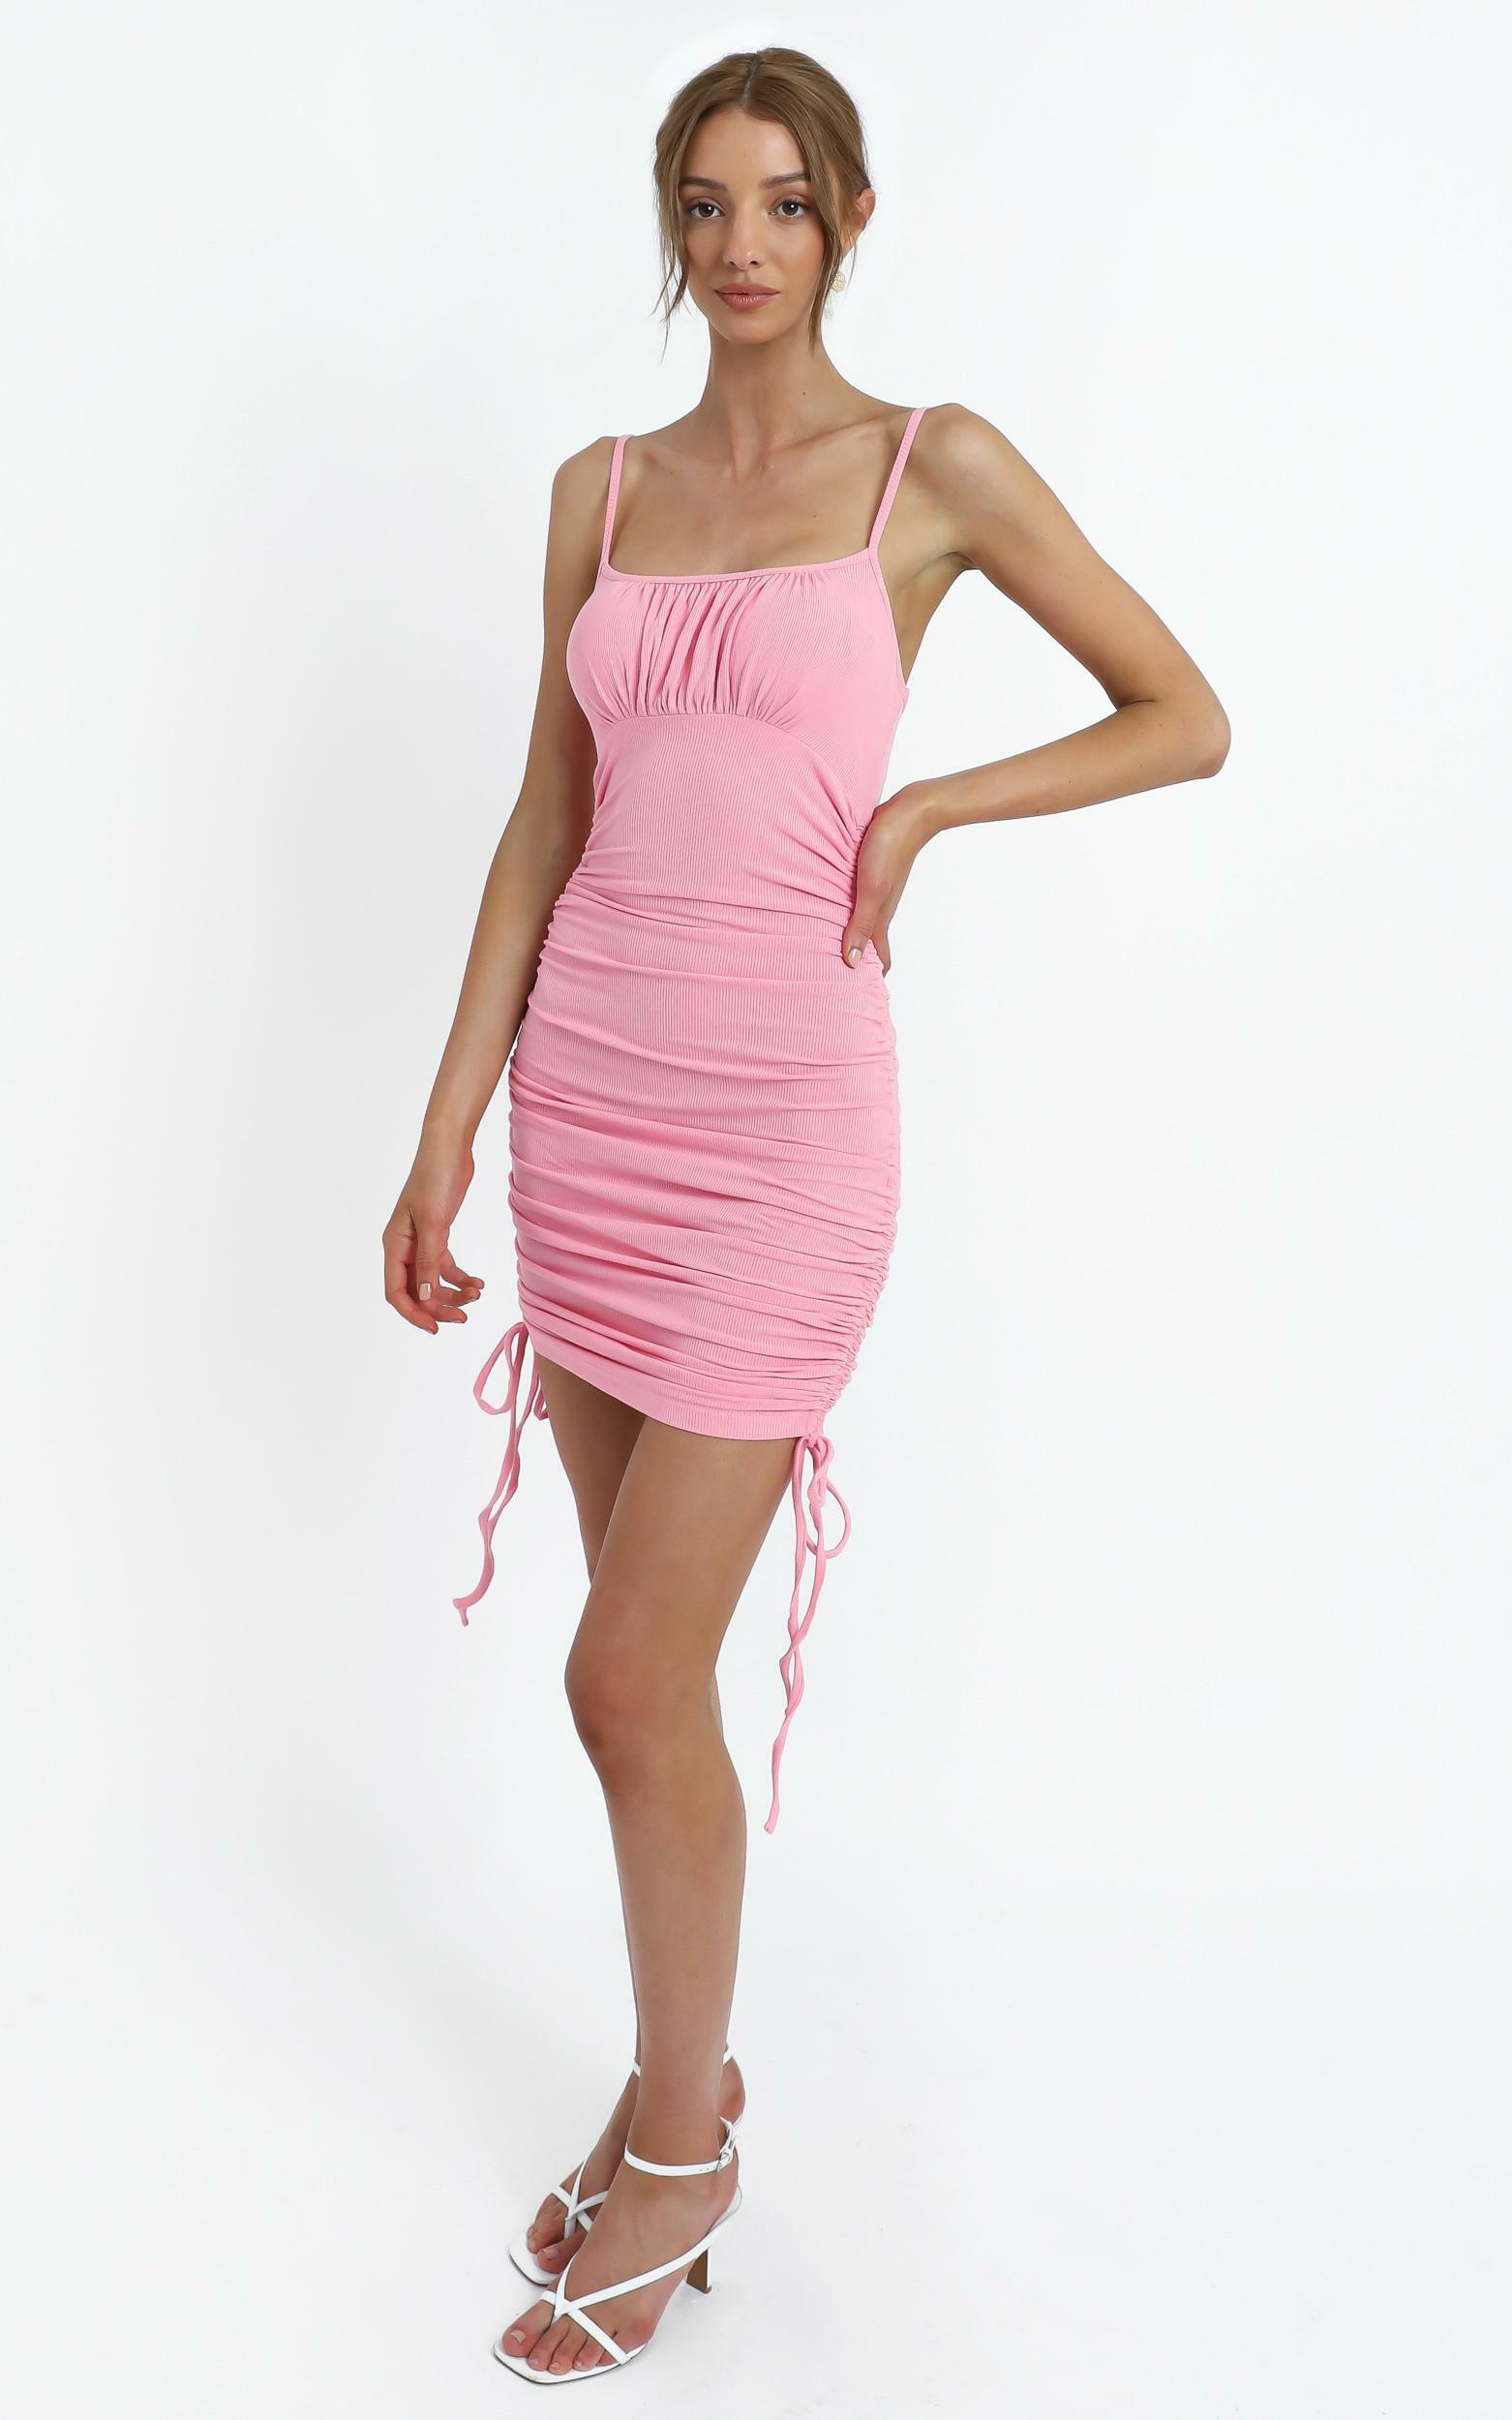 Langley Dress in Pink - 12 (L), PNK1, hi-res image number null